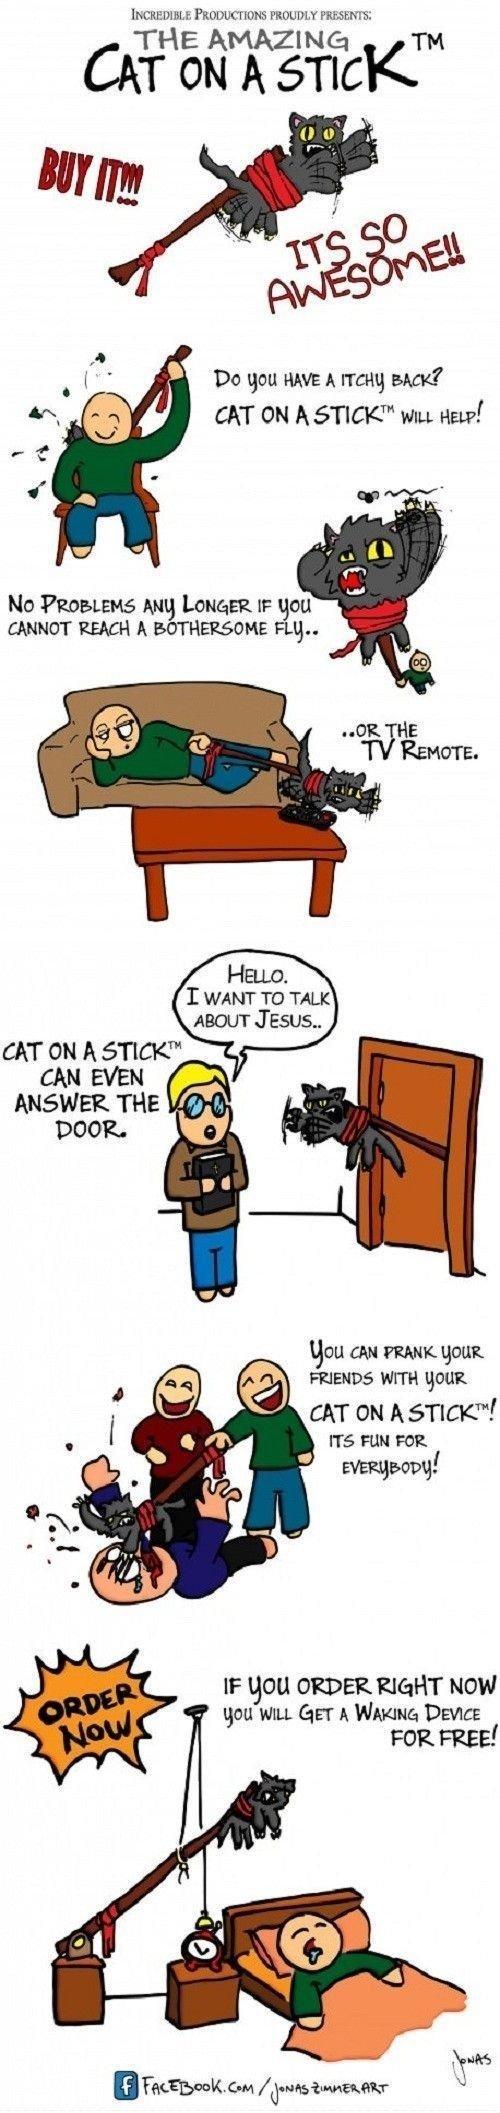 """Cat on a stick. Repost!. t Panama [nus Emu nu , In gnu Hm: A want; BACK? CRT ON A ' l WILL HELP! Mn Protitute; AMI; lexeme. gnu REACH A t! Fug"""" gnu an Vanni: gn cat logic full e"""